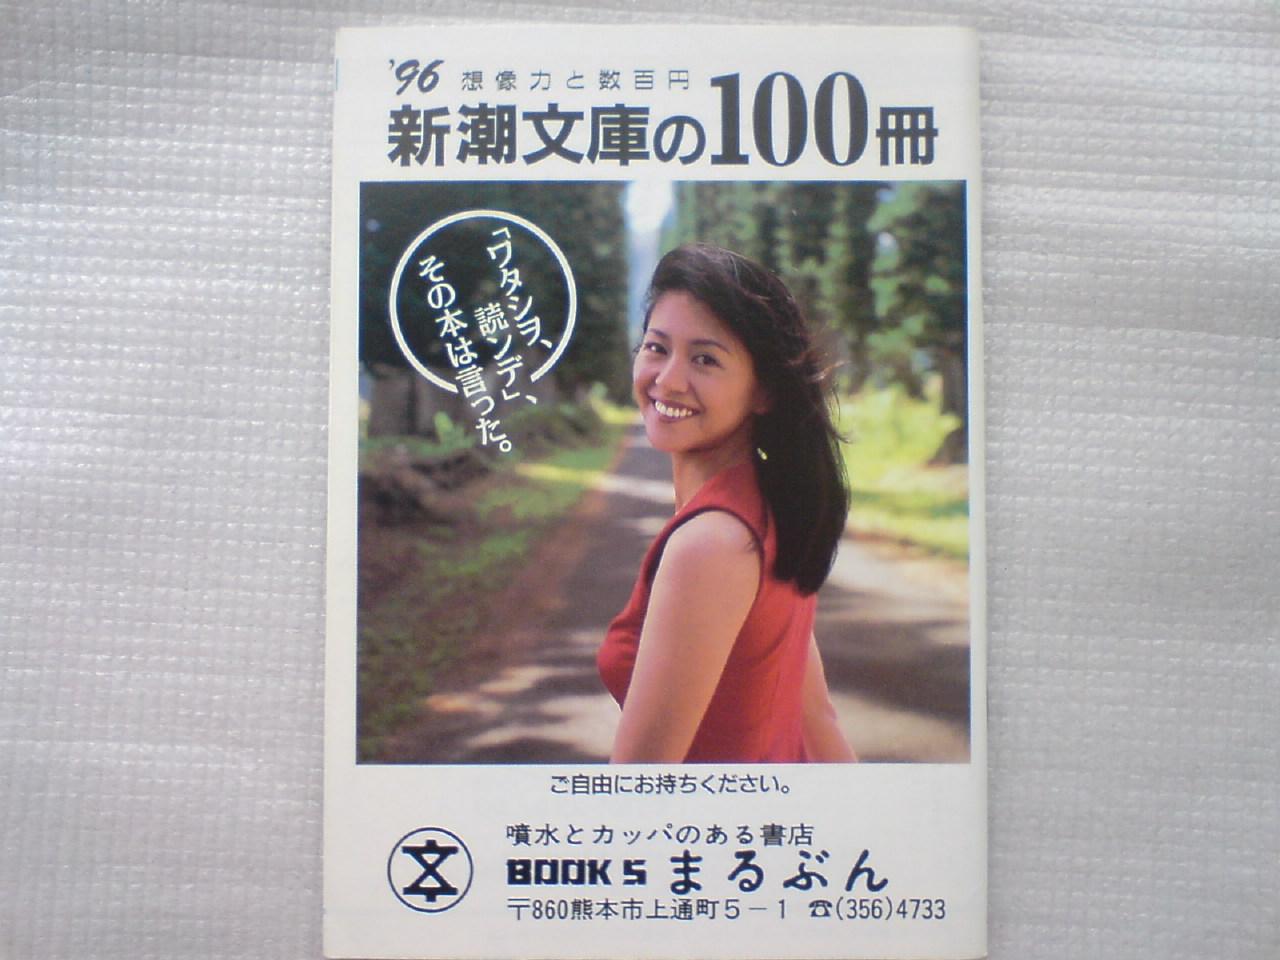 ワタシヲ、読ンデ